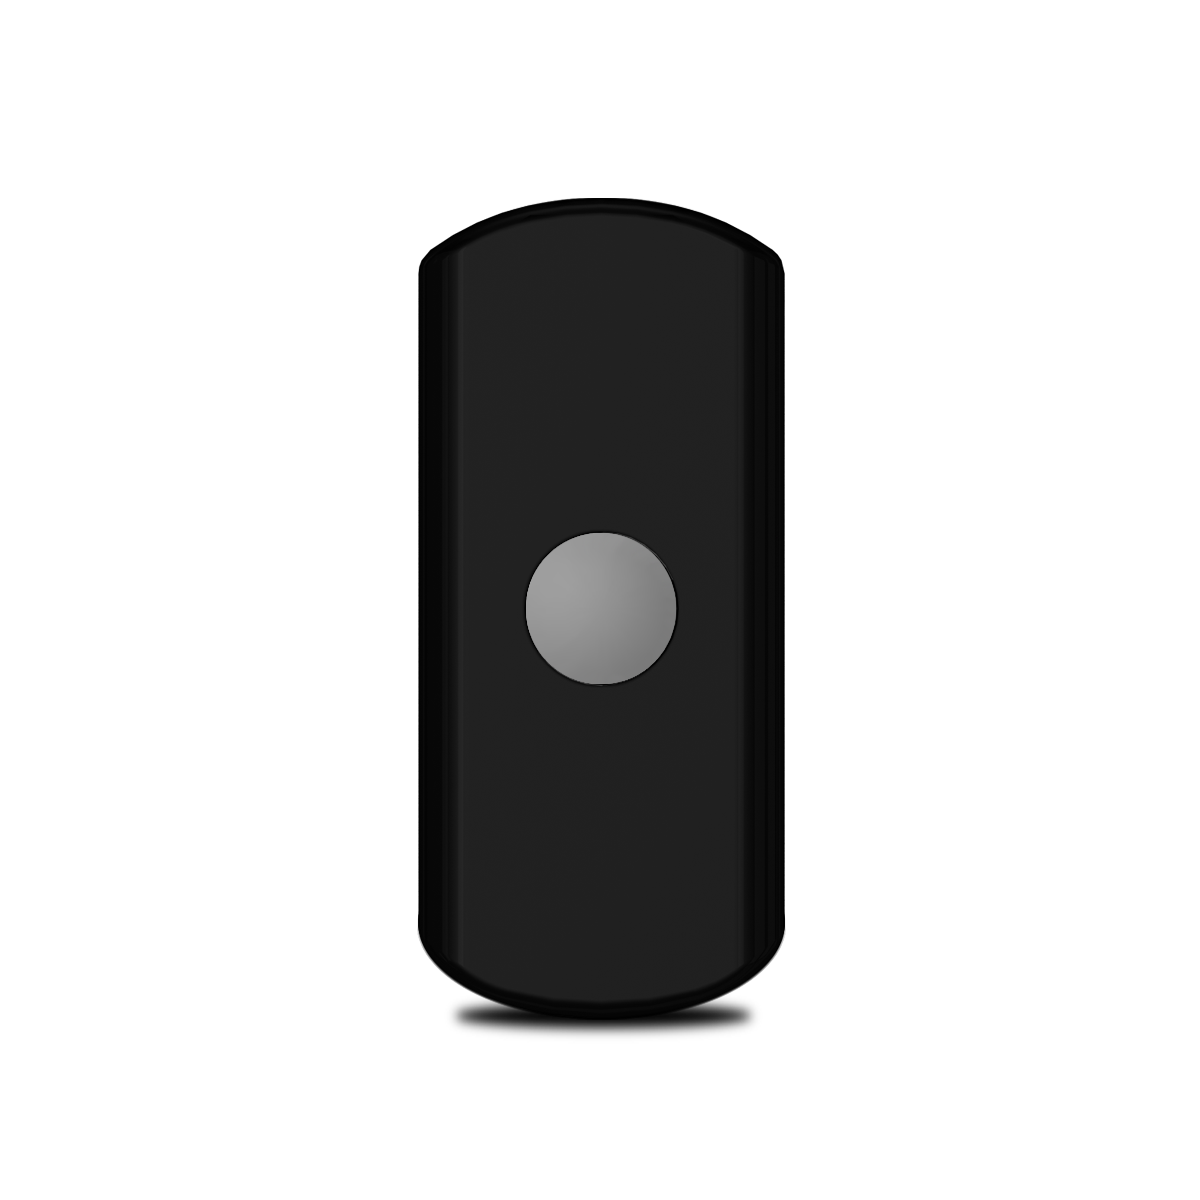 Wireless Doorbell Button.